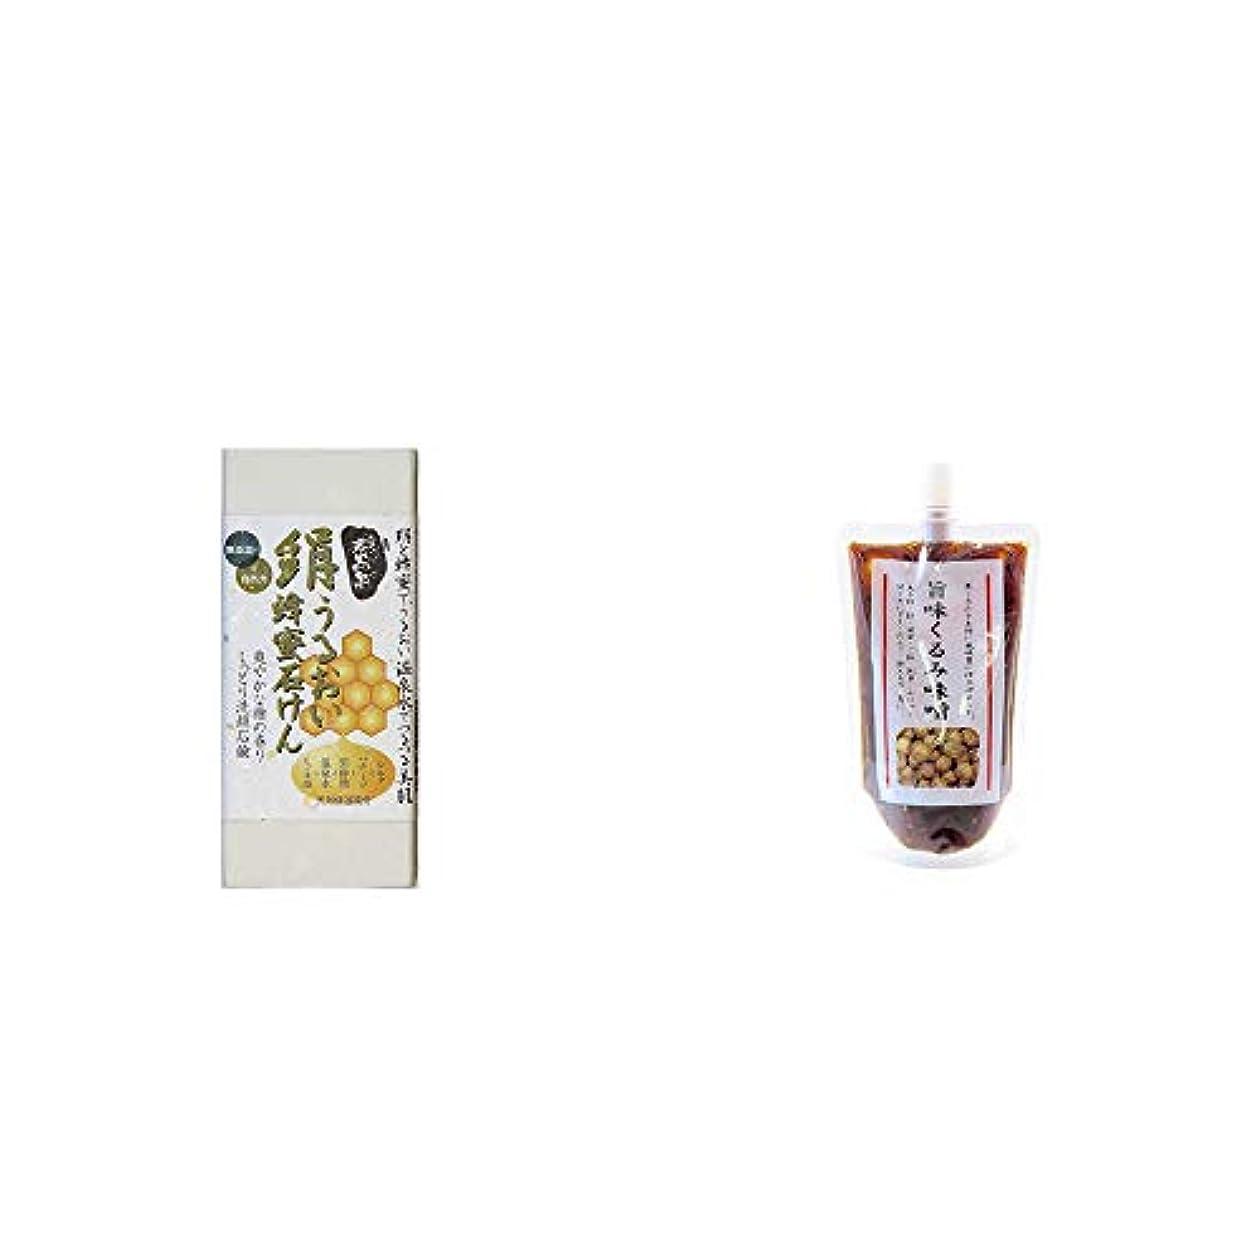 にはまって調整する硬さ[2点セット] ひのき炭黒泉 絹うるおい蜂蜜石けん(75g×2)?旨味くるみ味噌(260g)